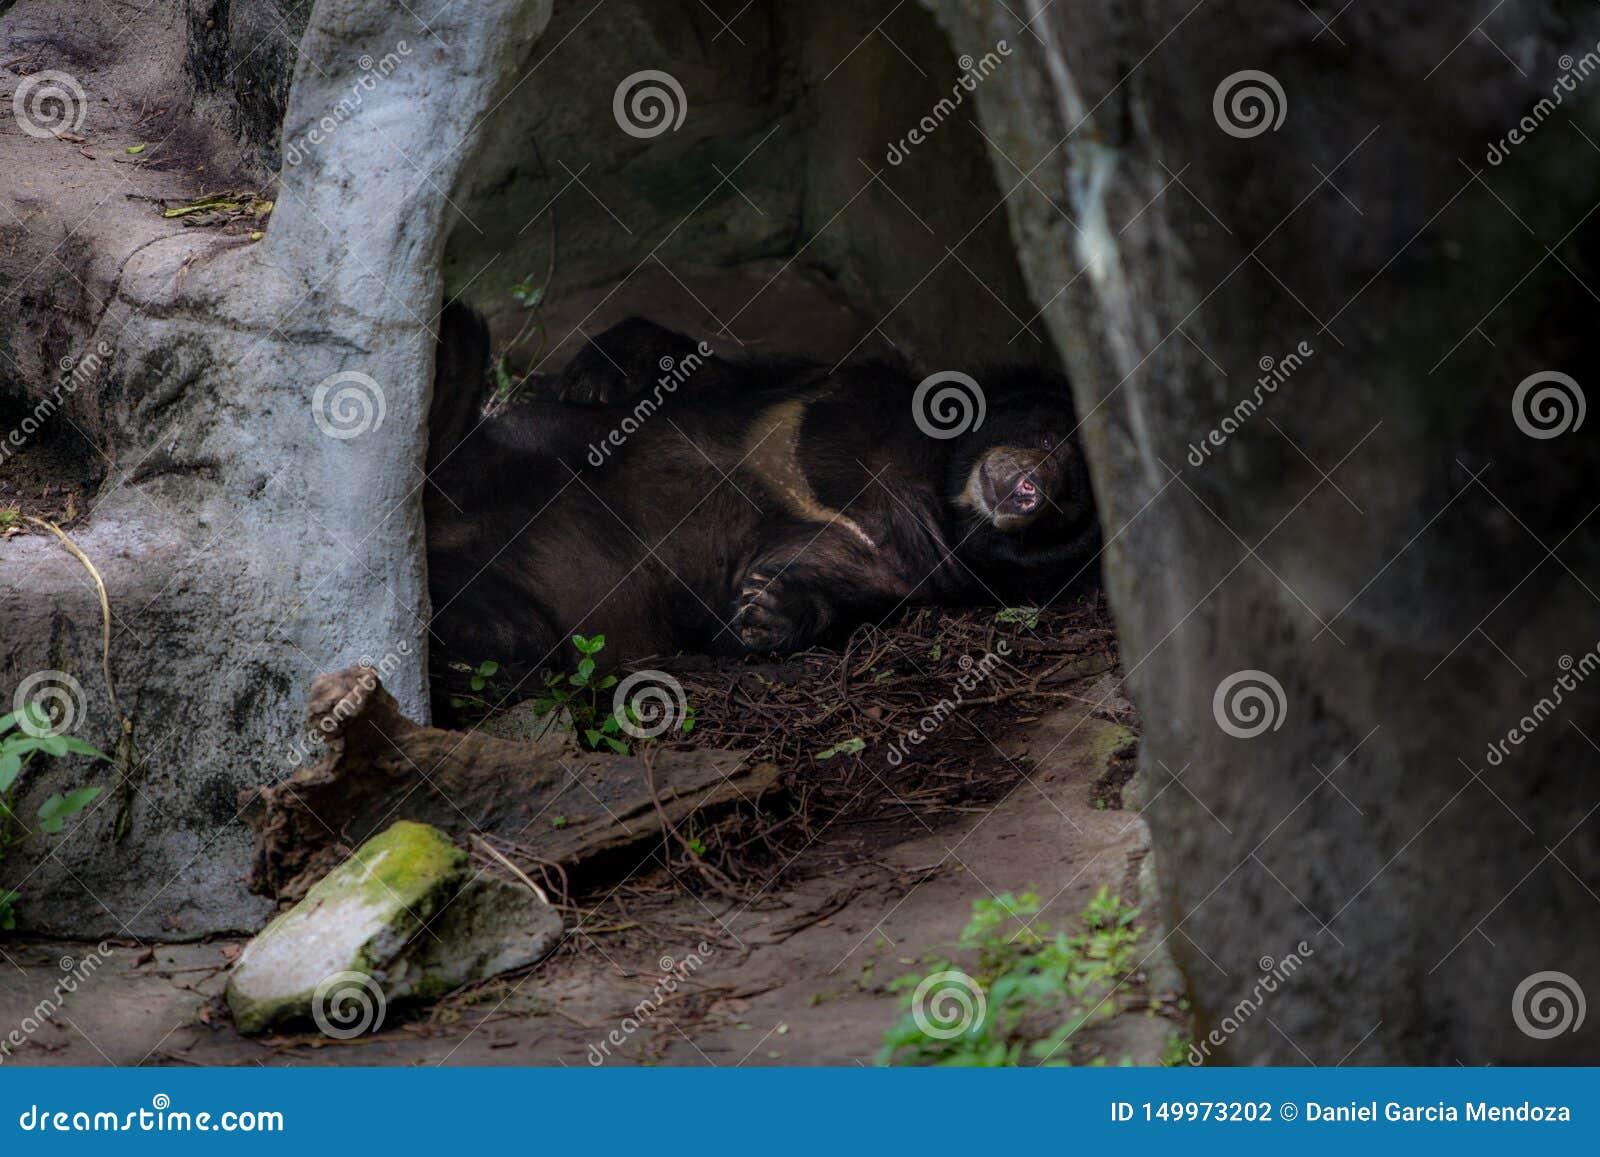 Vuxen människaFormosa en svart björn som sover i grottan